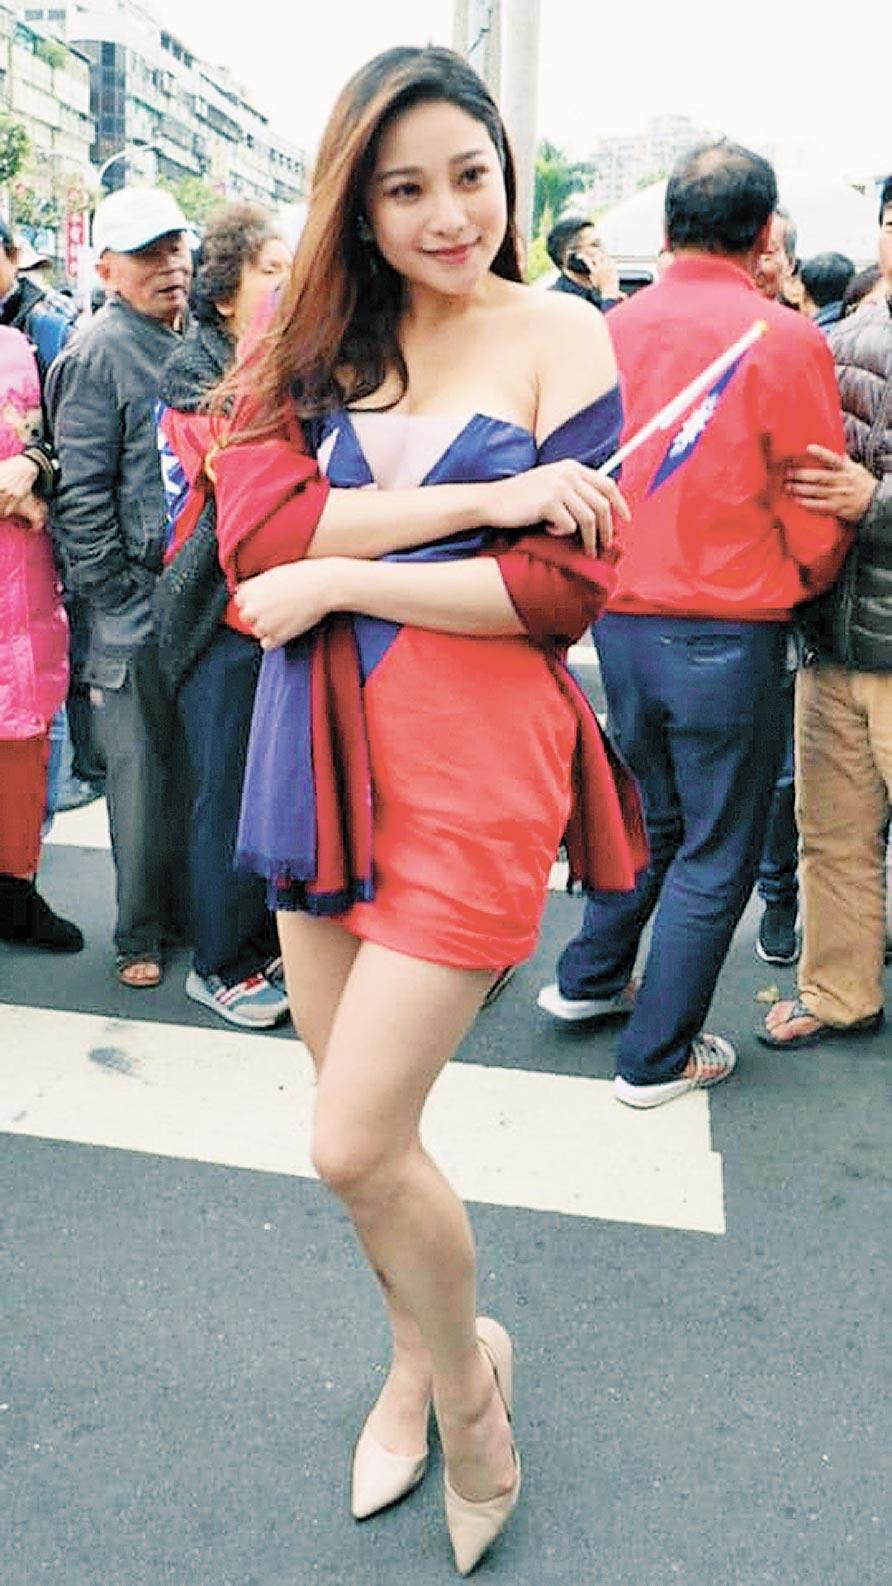 國旗妹章梓薰經常穿著國旗裝,參加高雄市長韓國瑜造勢活動,展現對韓國瑜的支持。(章梓薰提供)